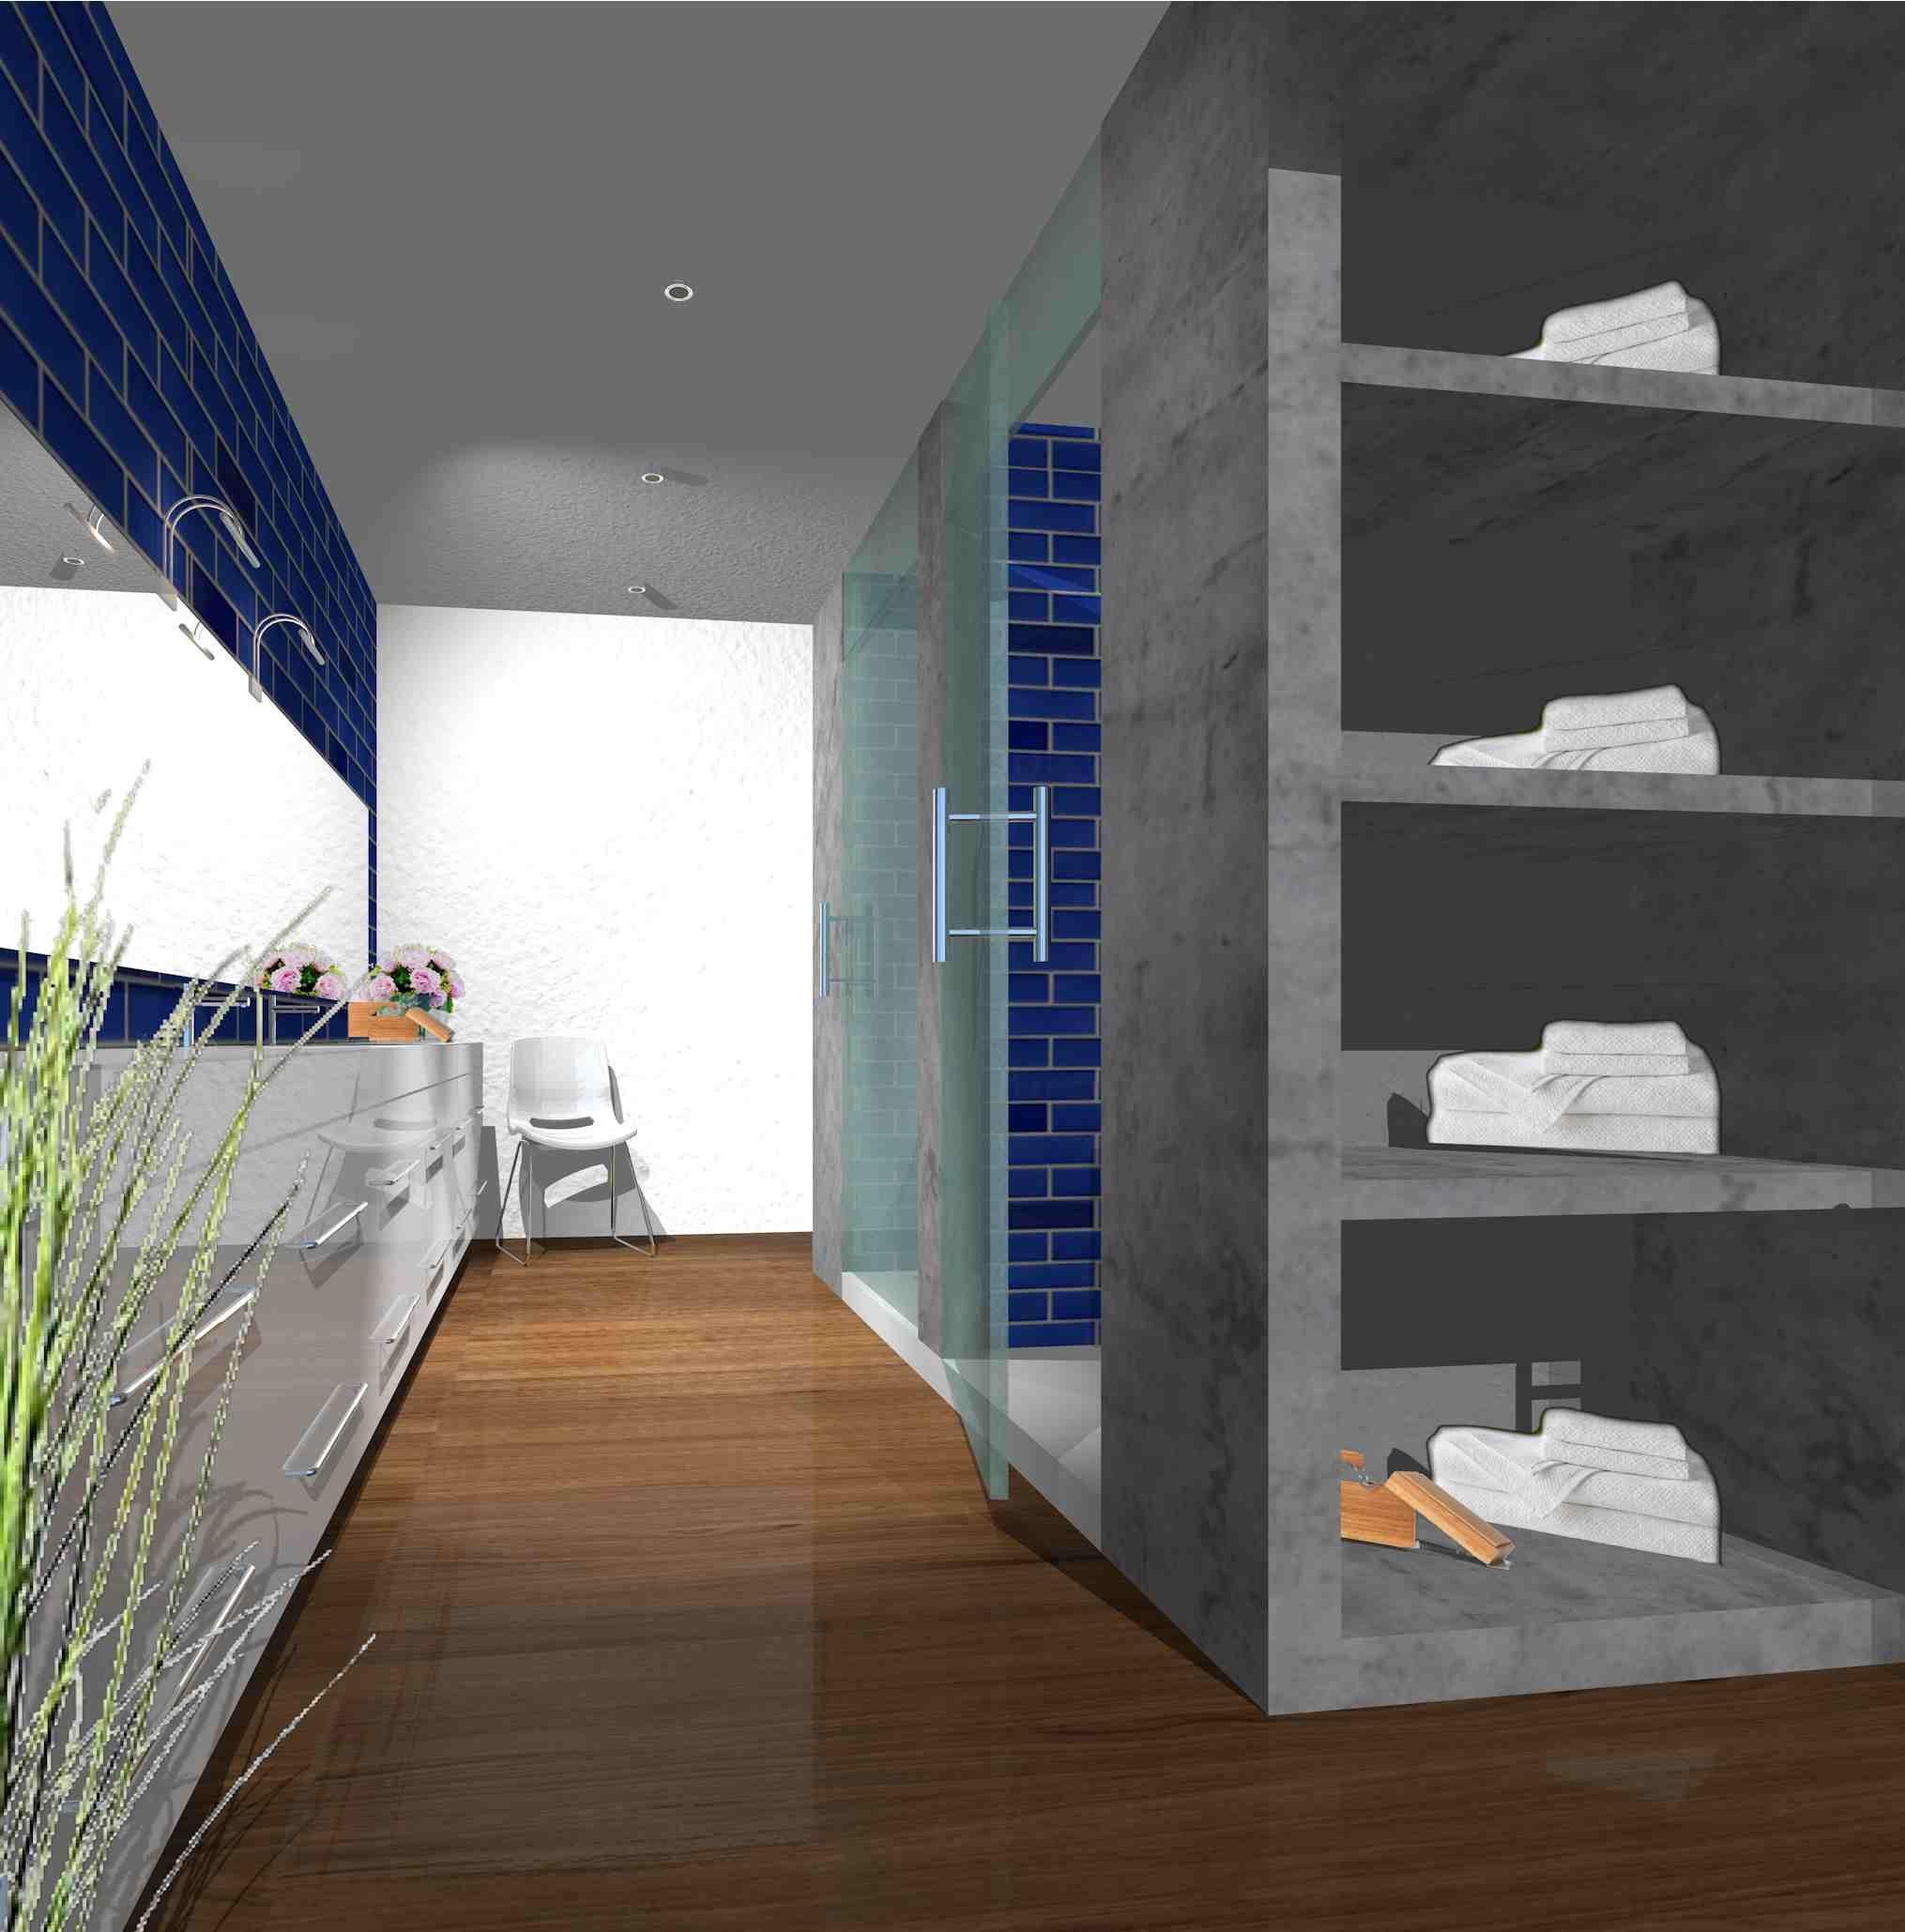 Eigen ontwerp: Droom badkamer IKEA producten | Droom huis ...